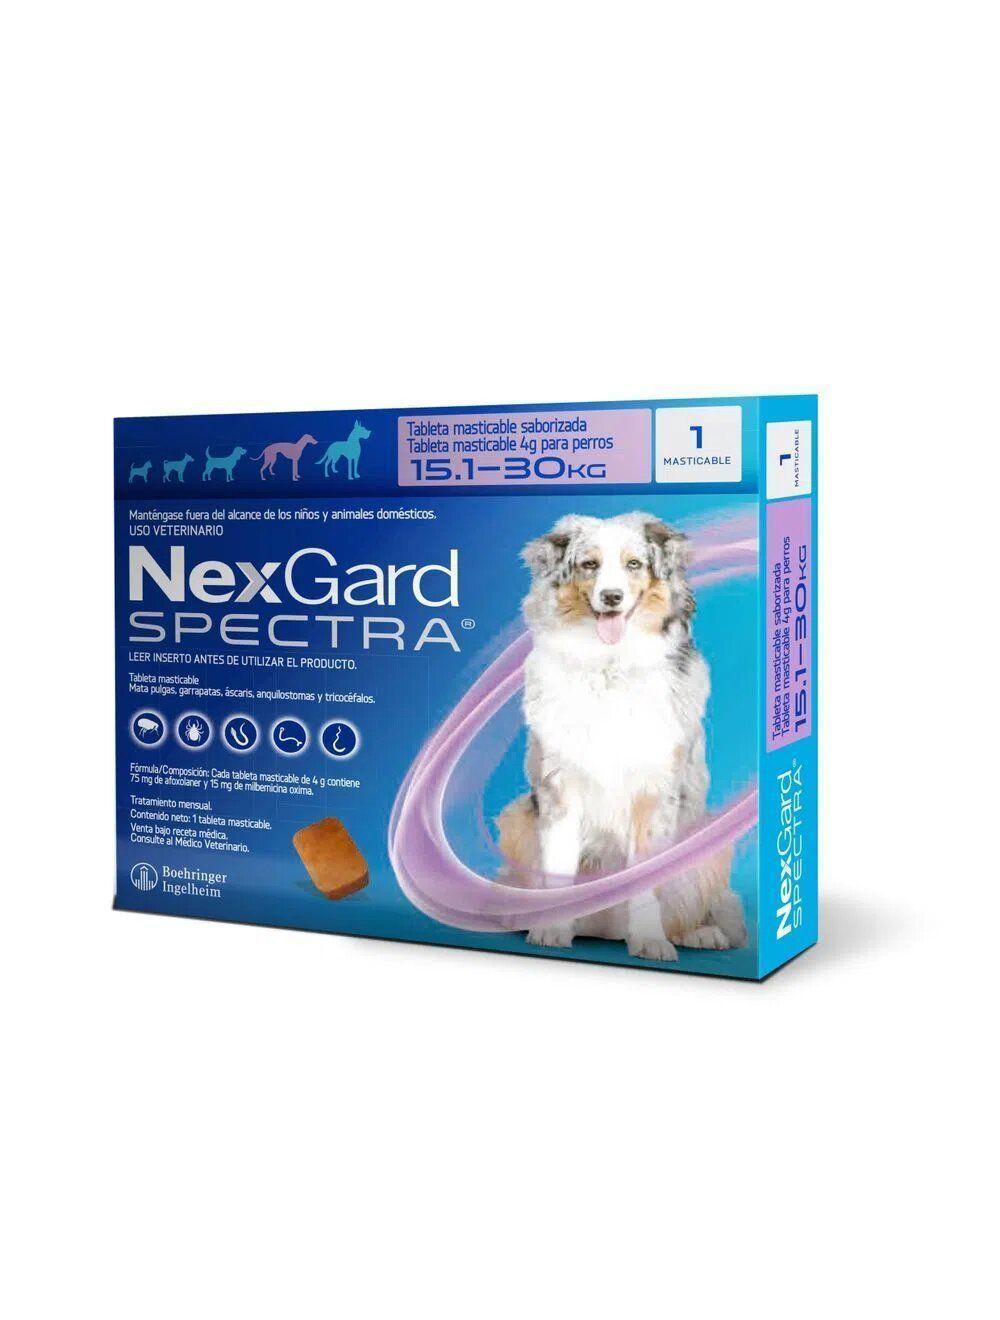 Nexgard Spectra 15.1 - 30 Kg - Ciudaddemascotas.com